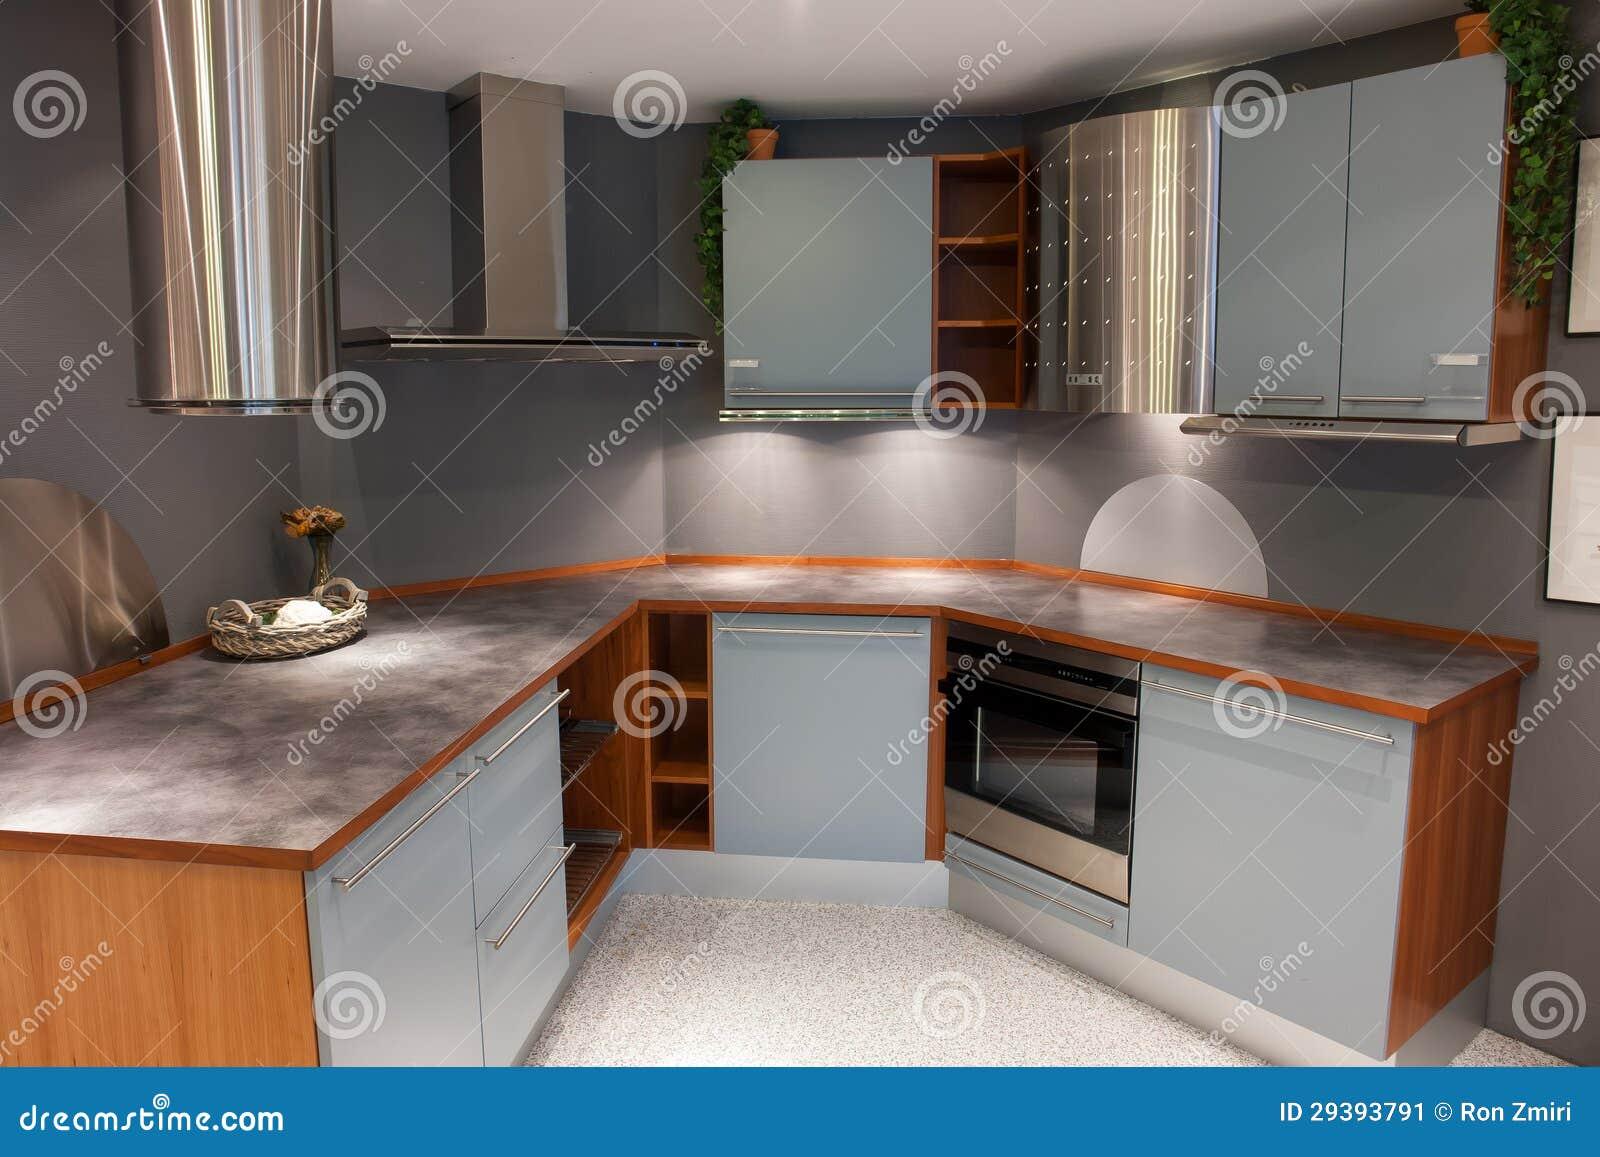 Cuisine en bois bleu clair de conception la mode moderne - Cuisine bleu clair ...